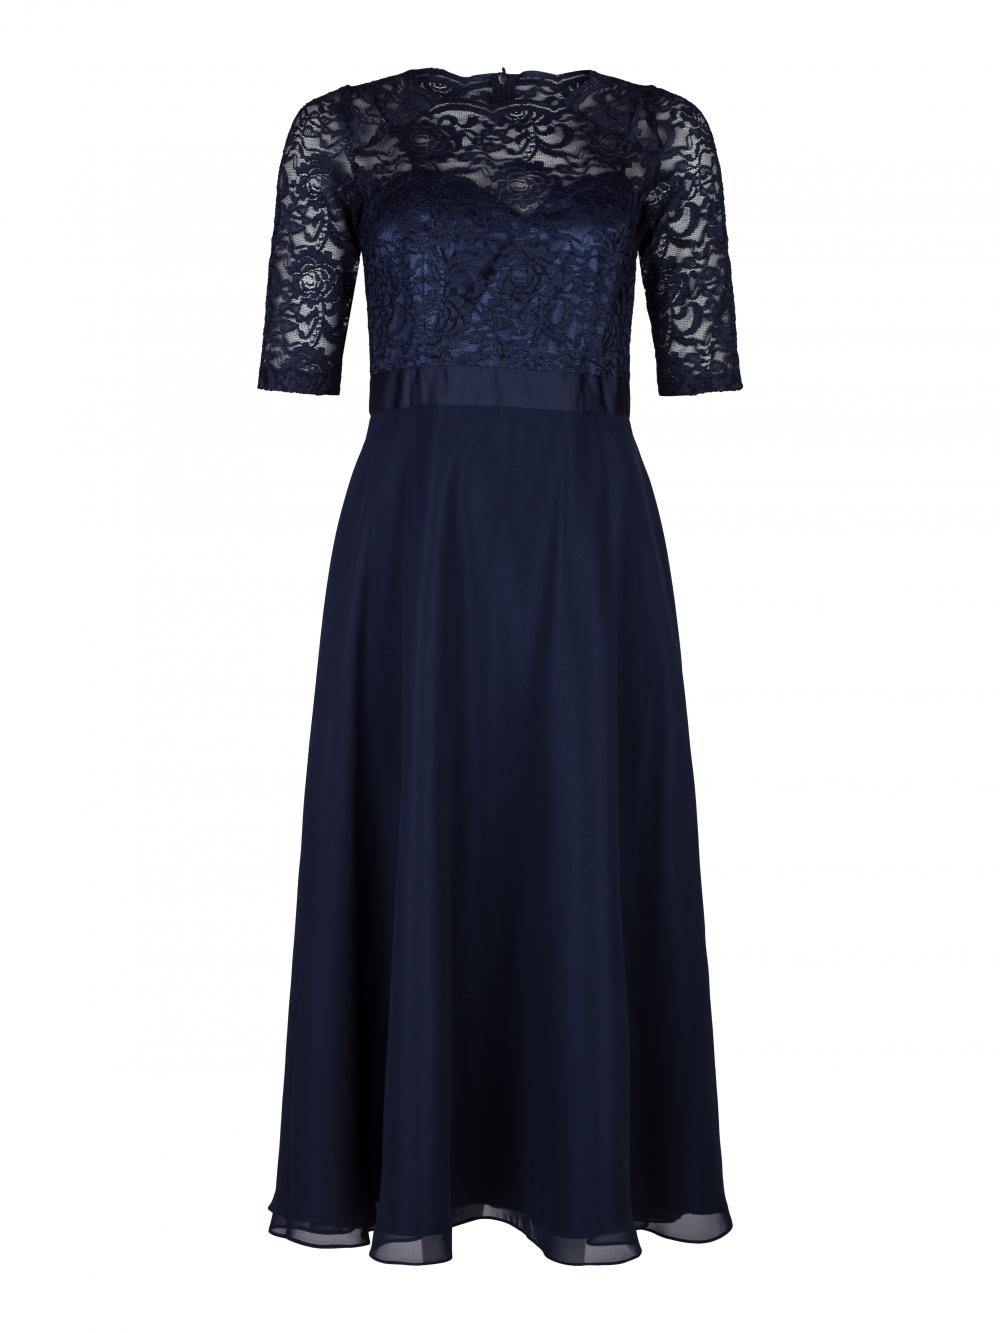 Klänningar | Handla din nya klänning online här! | WAKAKUU